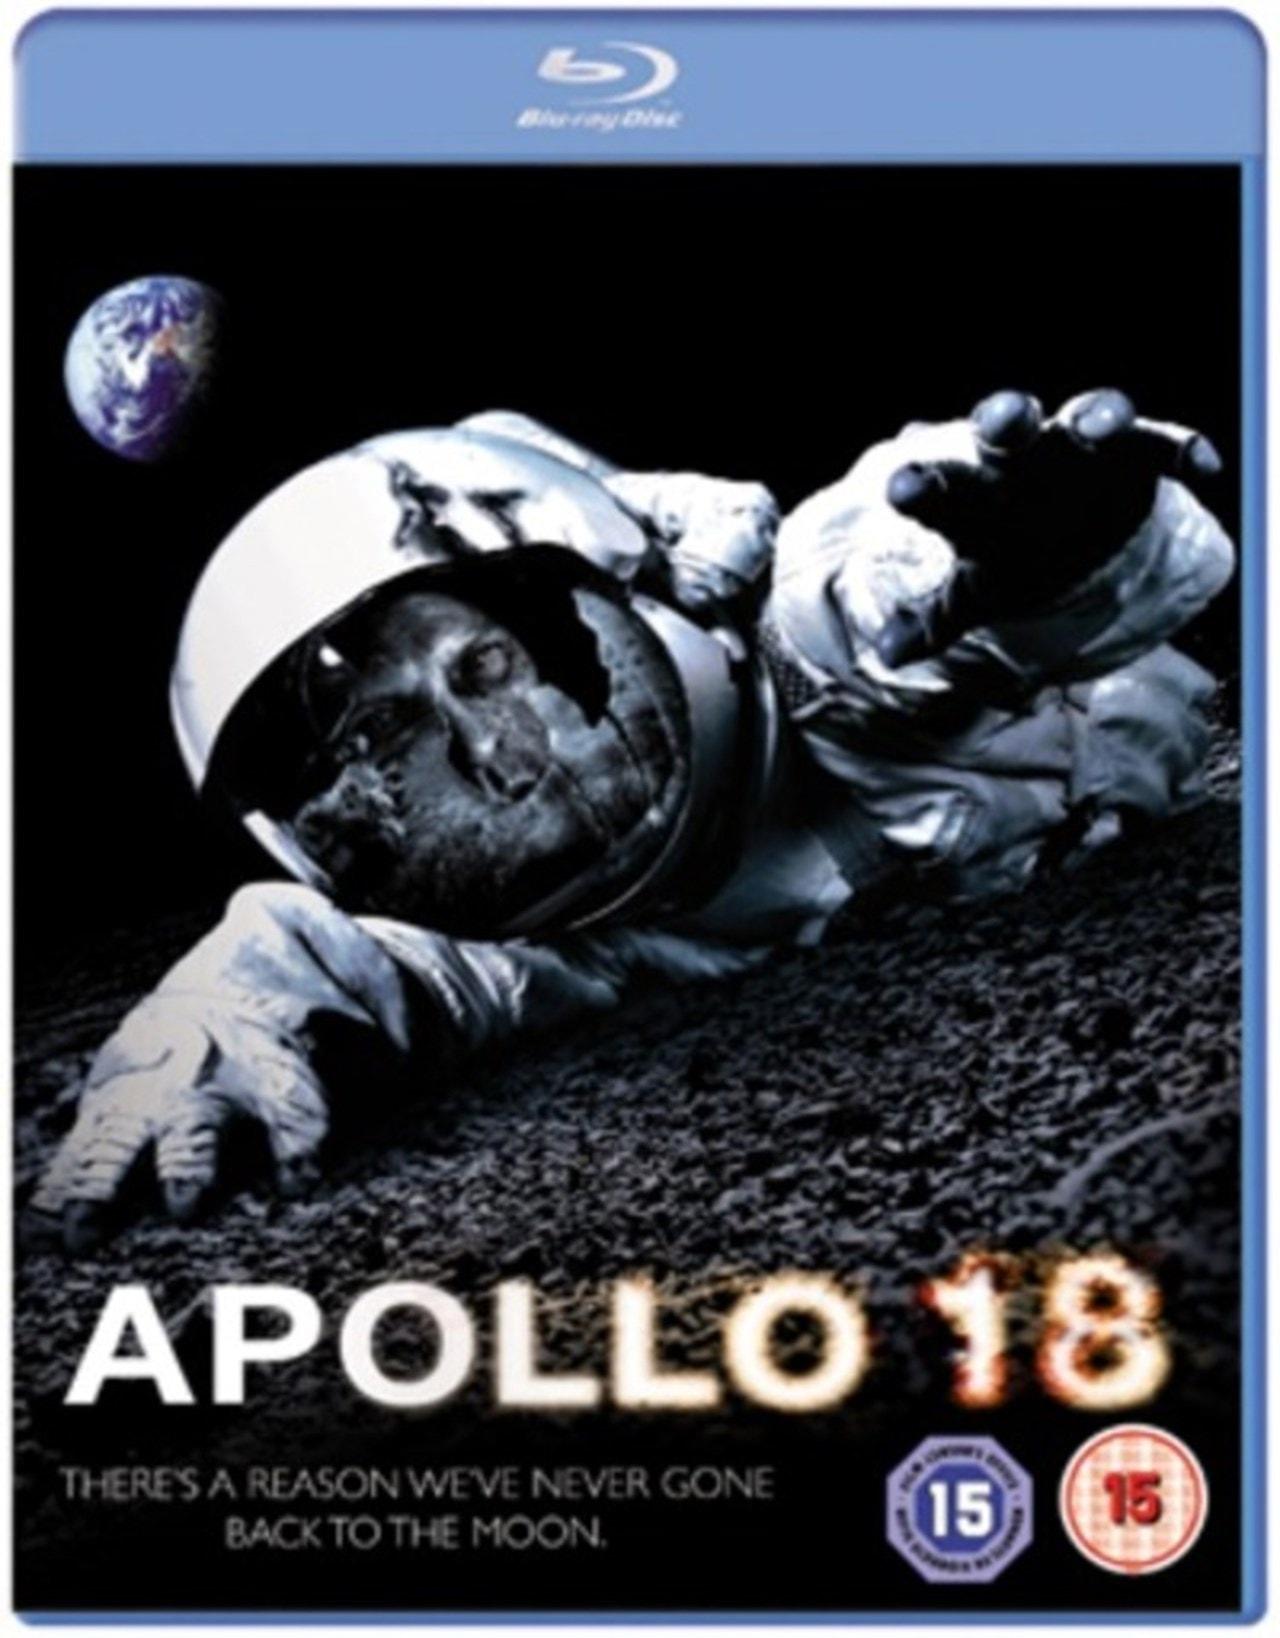 Apollo 18 - 1